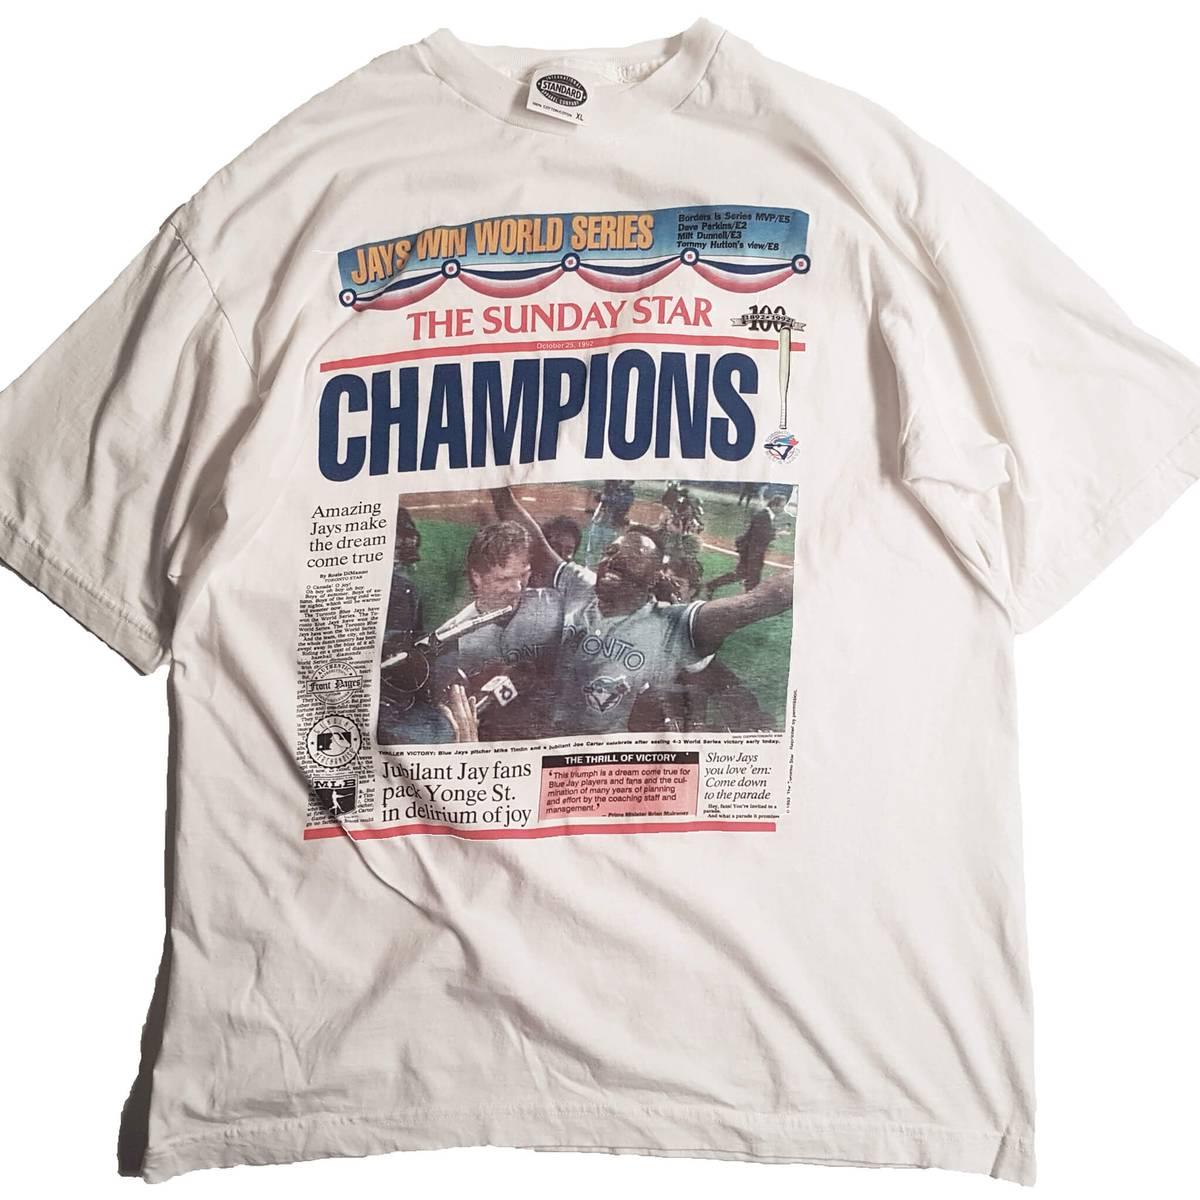 207edcb52a Vintage Vintage 1992 Blue Jays Toronto Star T Shirt Size Xl $33